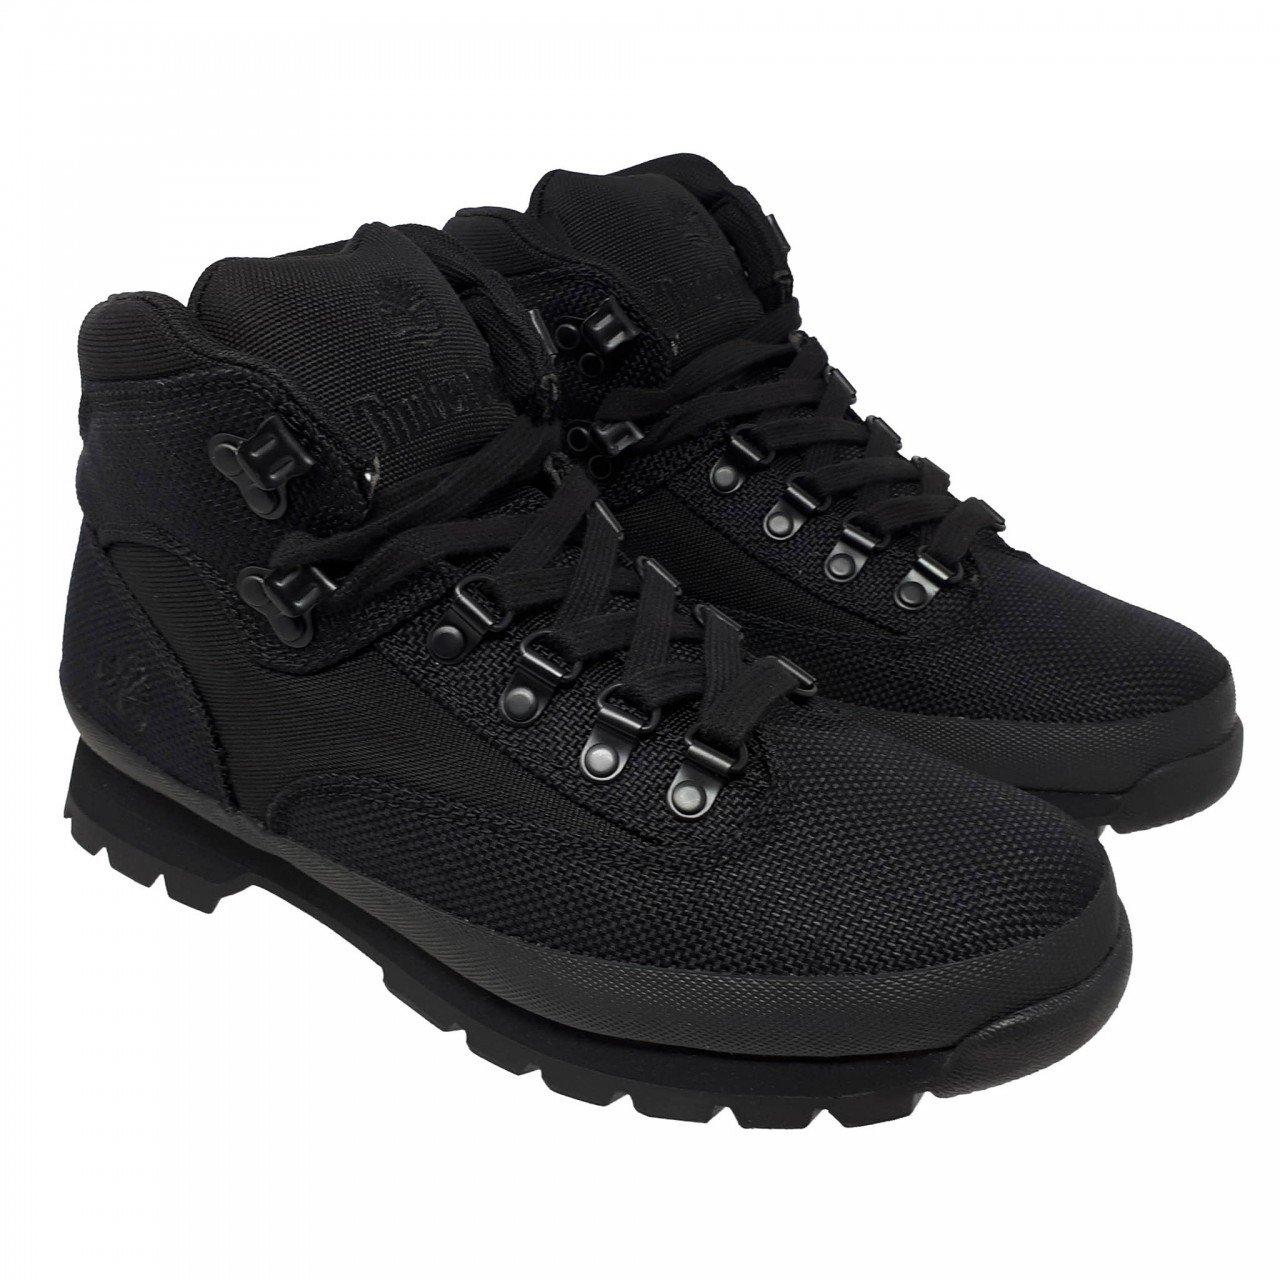 Botas Timberland Negras Euro hiker fabric black A15RX para hombre